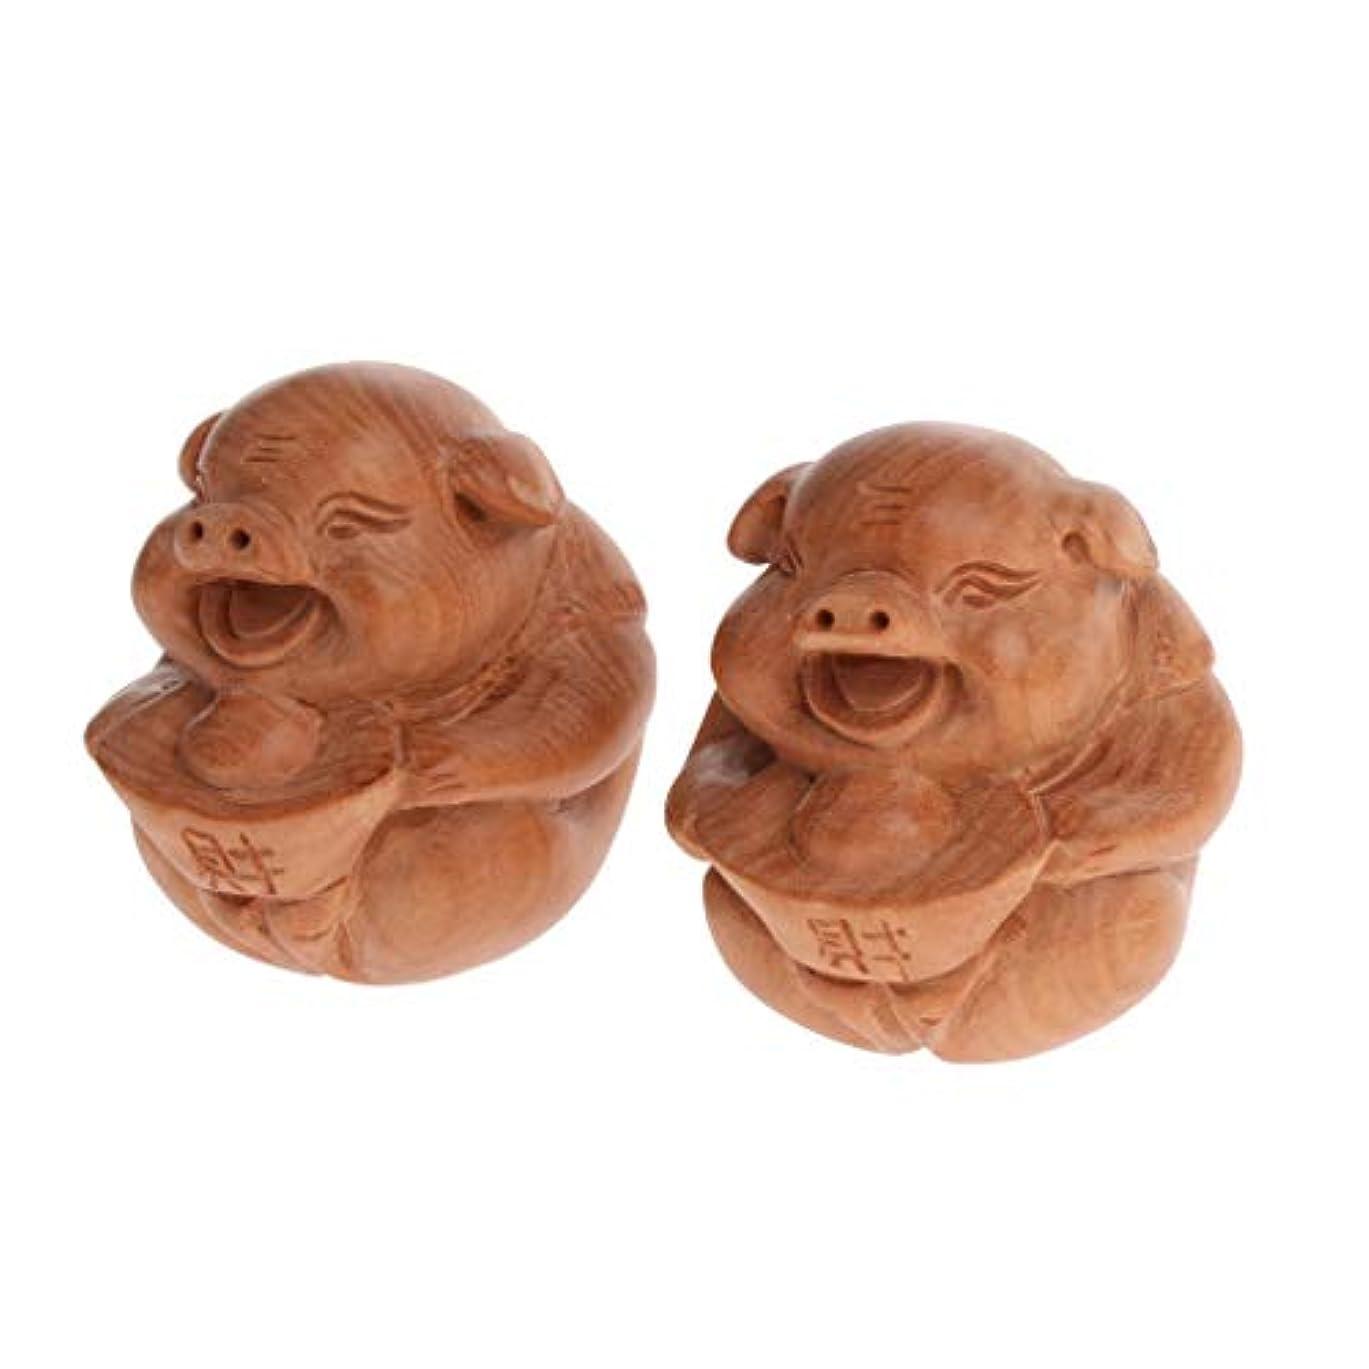 闇マトリックス不安dailymall 1ペア木製中国健康運動ストレスリラクゼーション療法保定ボール